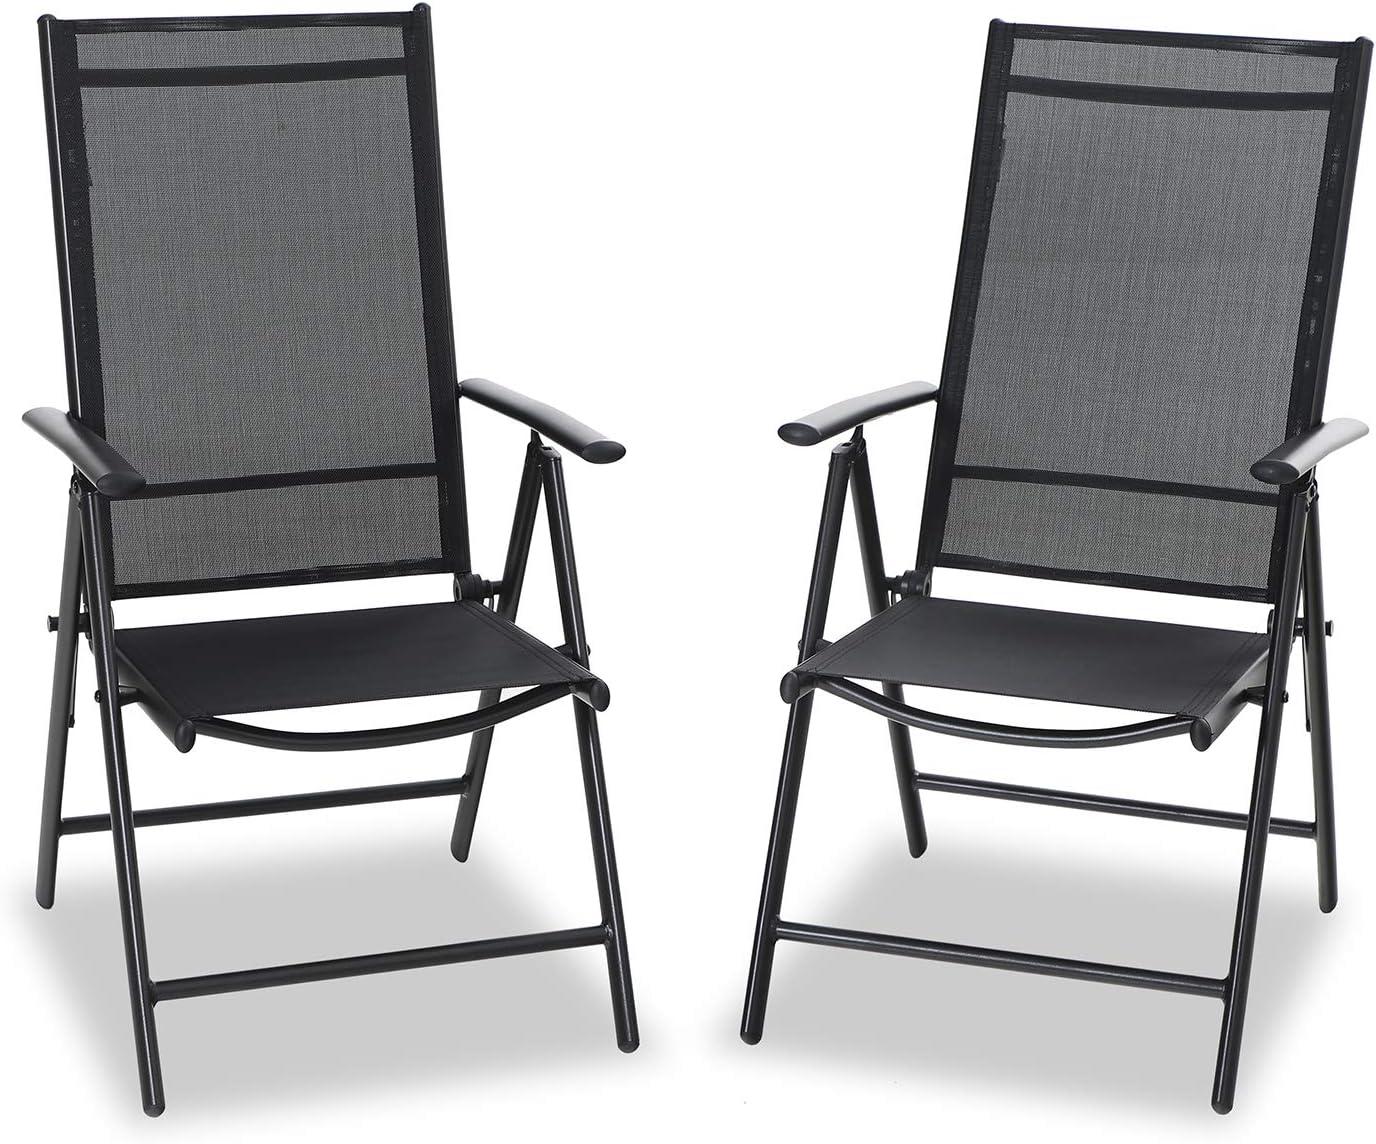 PHIVILLA Set di 2 sedie da giardino da pranzo con telaio in alluminio, 6X regolabili con 7 posizioni di seduta, sedie pieghevoli con schienale Alto resistenti agli agenti atmosferici